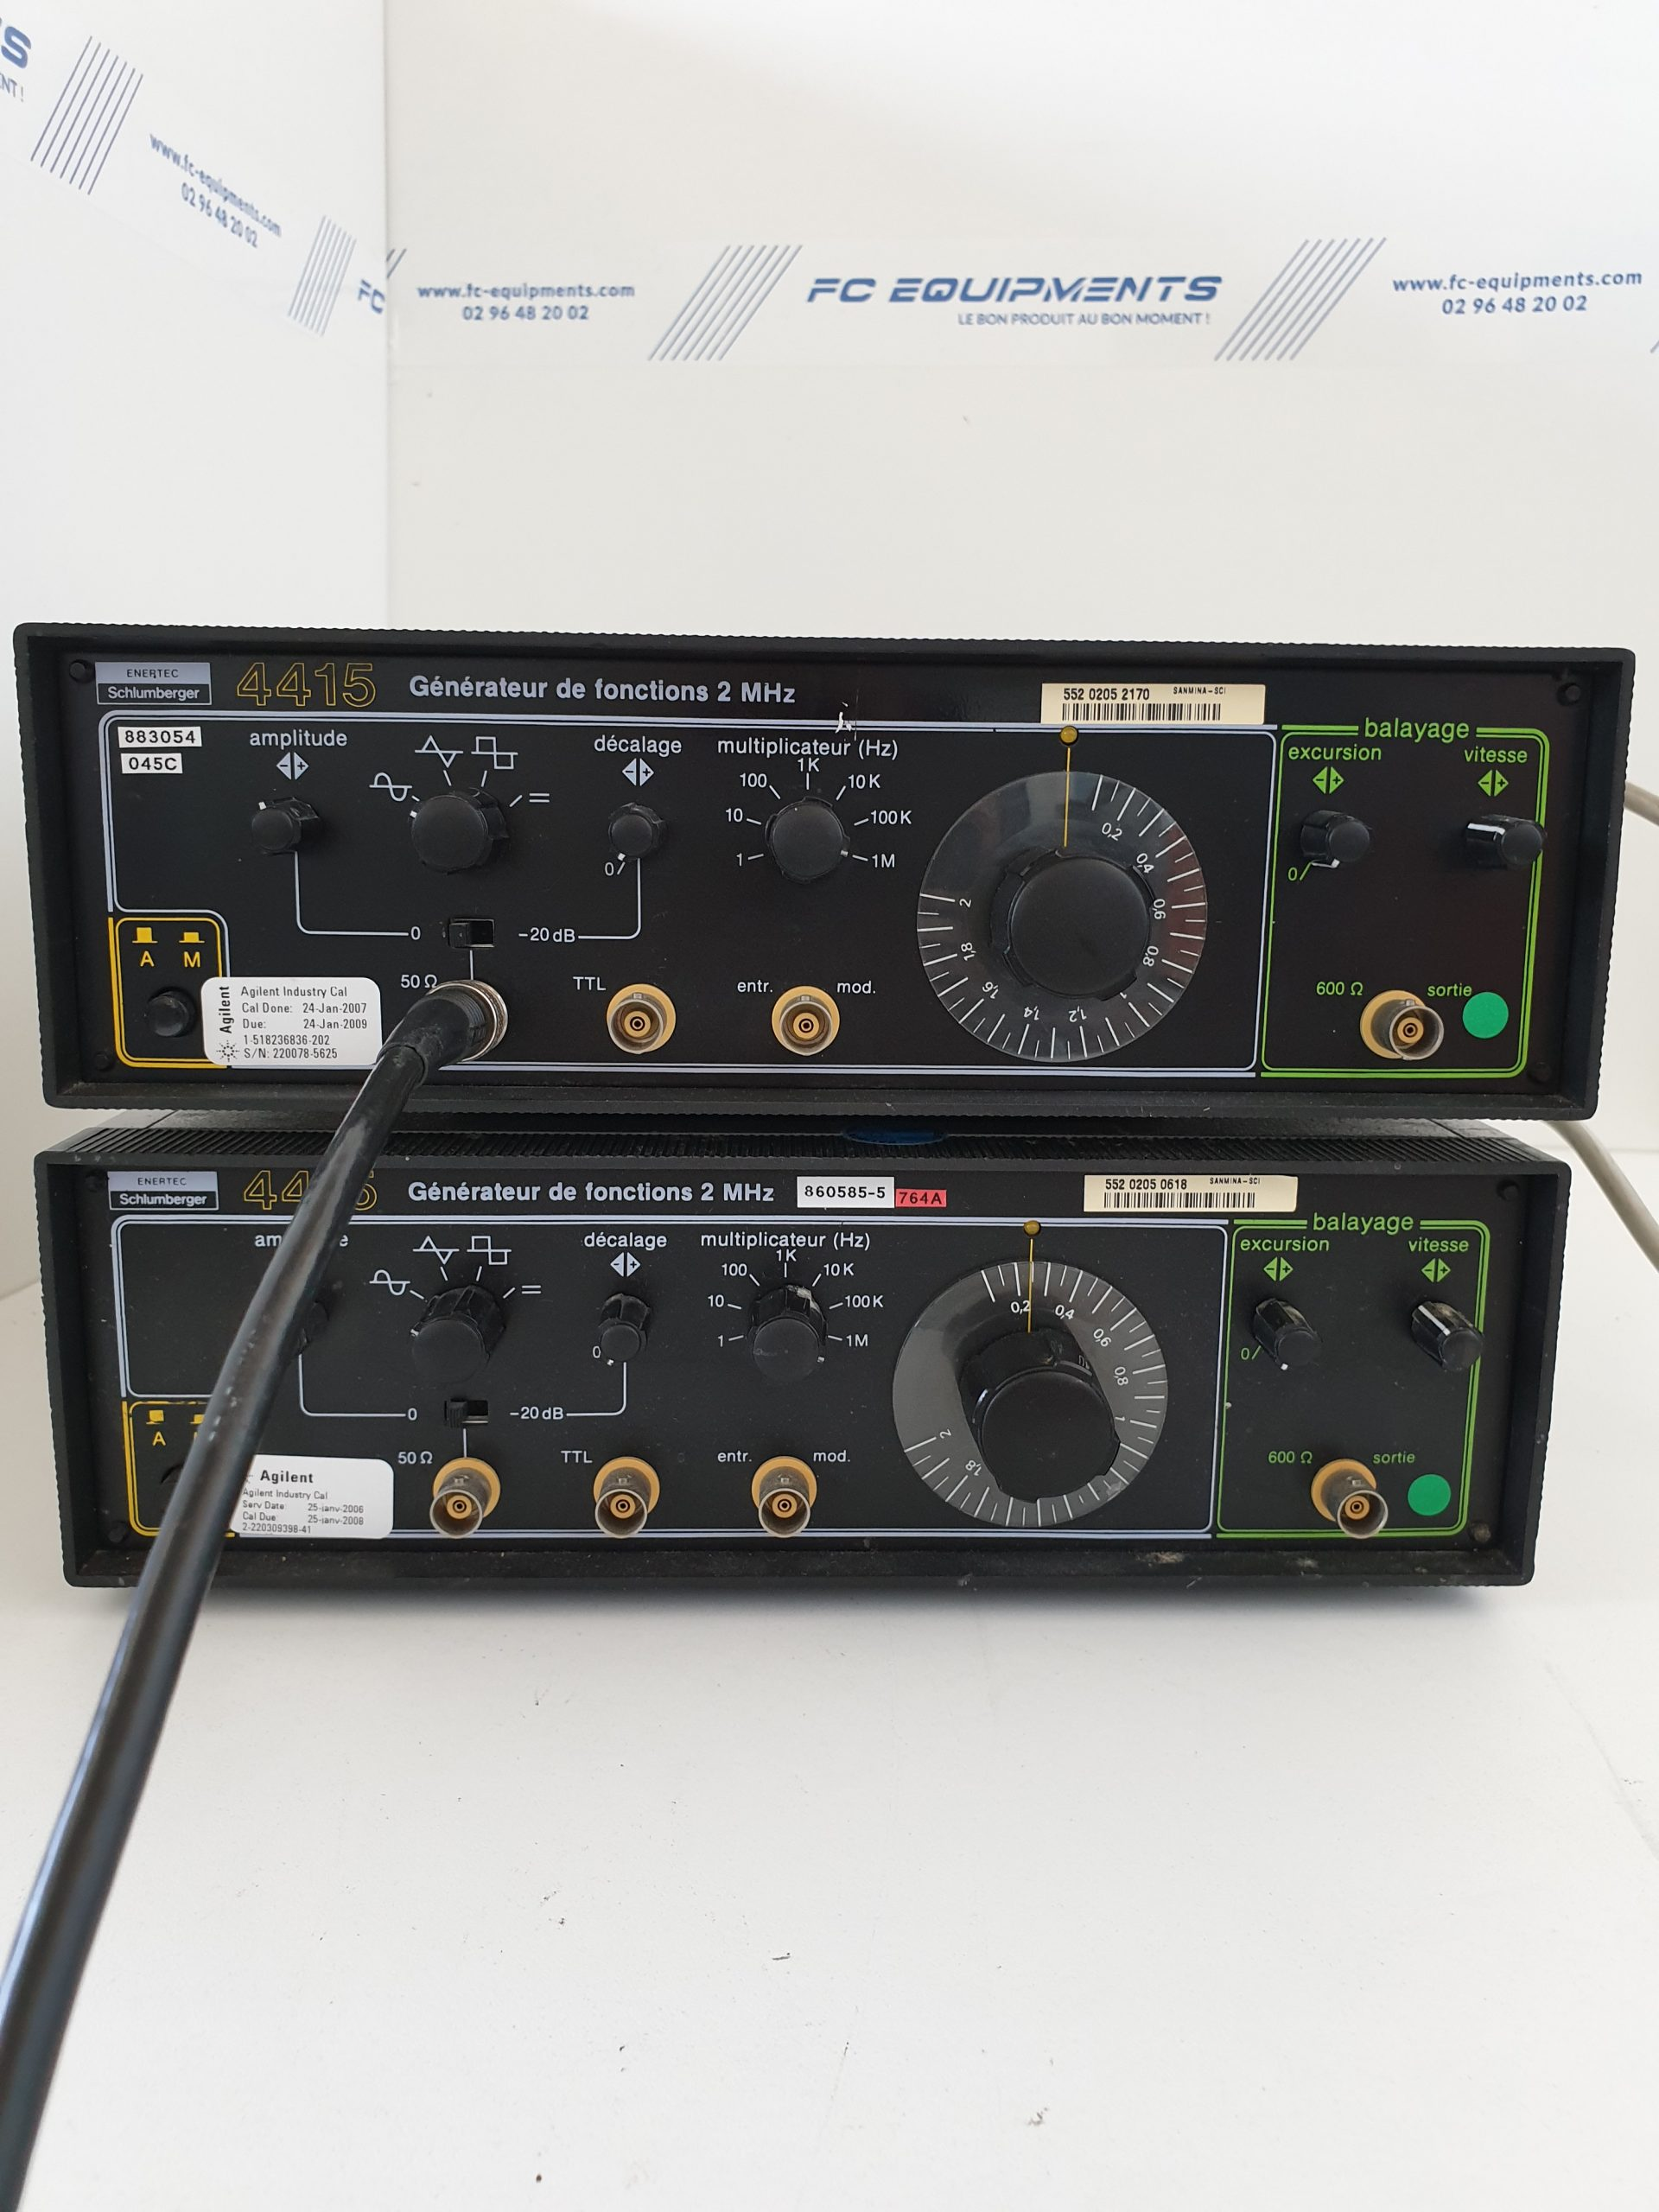 FUNCTION GENERATOR 2MHz - ENERTEC SCHLUMBERGER